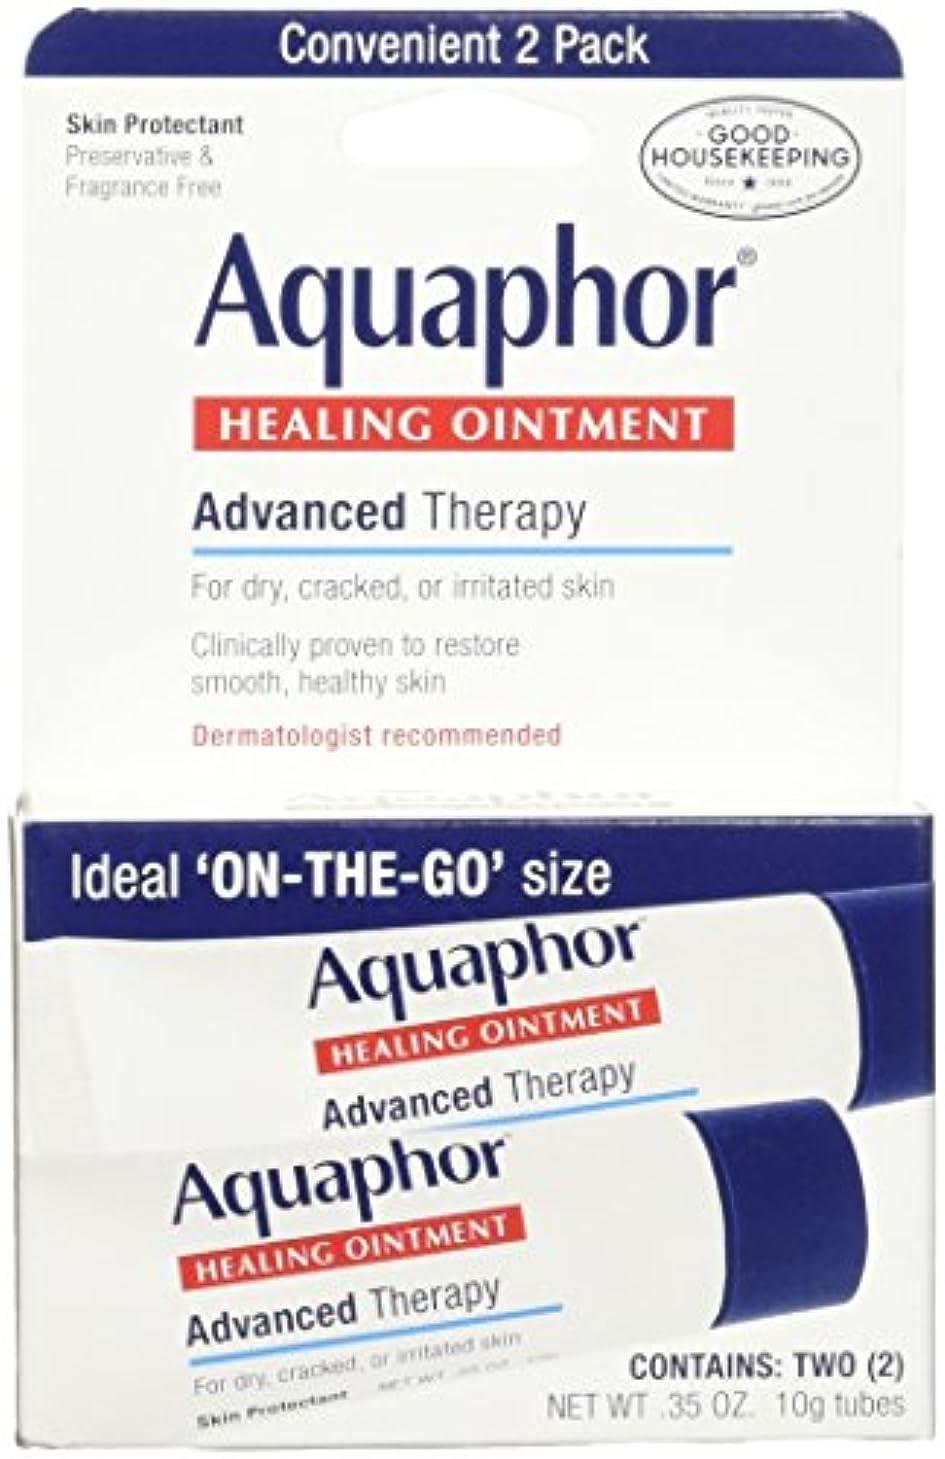 恐怖挽く叫び声海外直送肘 Aquaphor Healing Ointment 2 Pack, 2/3.5 oz